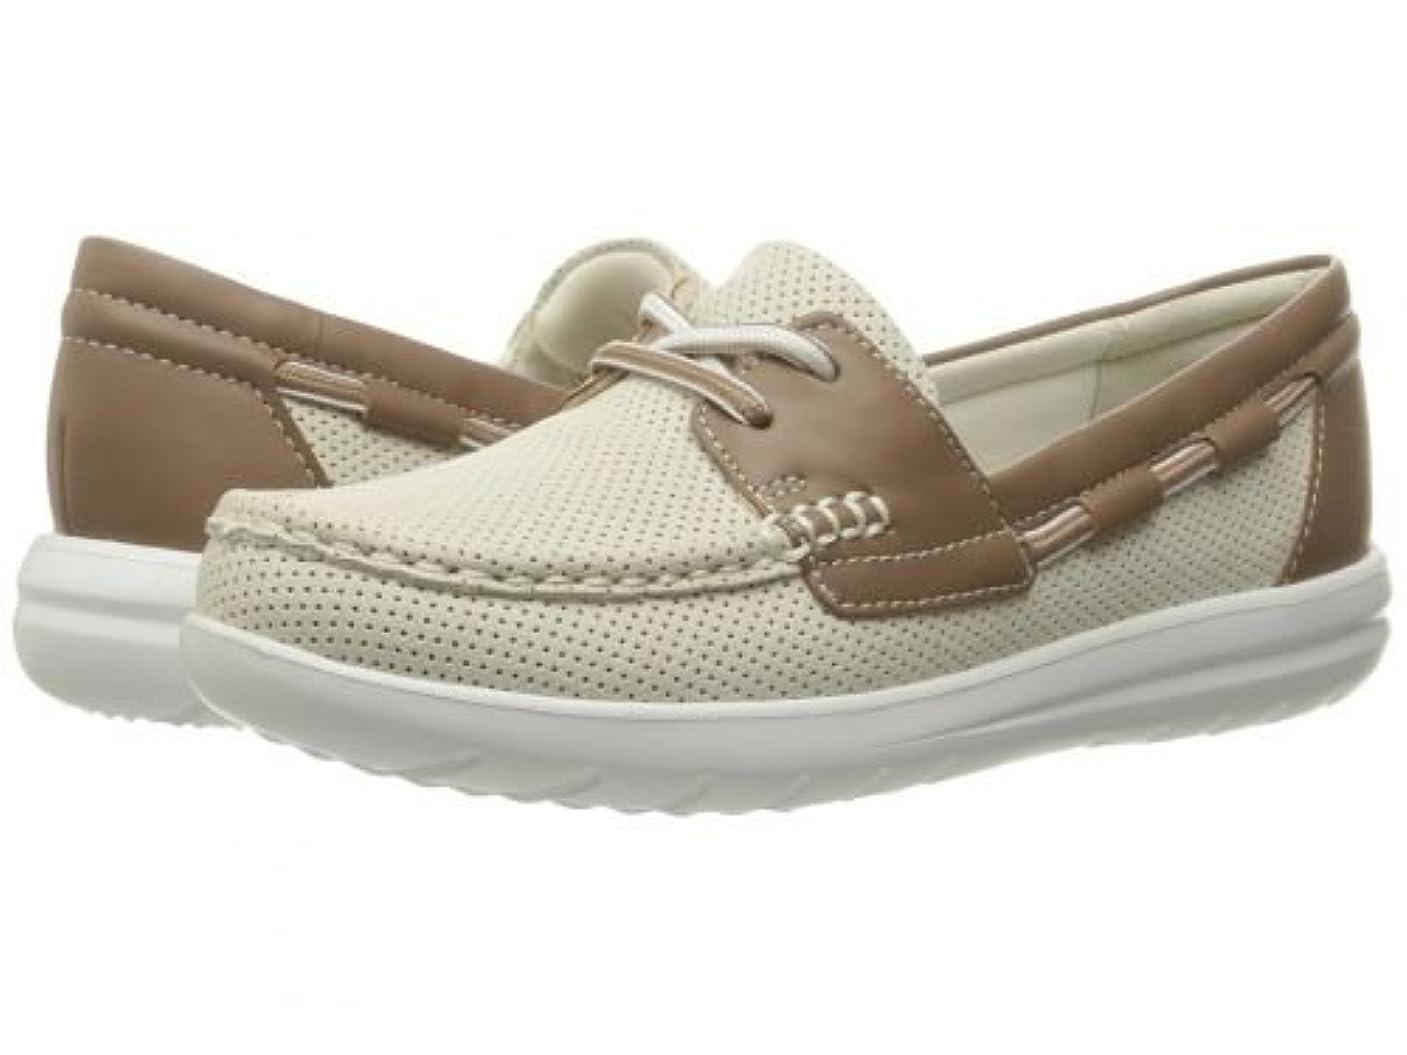 ハンマー付き添い人そこからClarks(クラークス) レディース 女性用 シューズ 靴 ボートシューズ Jocolin Vista - Off-White [並行輸入品]